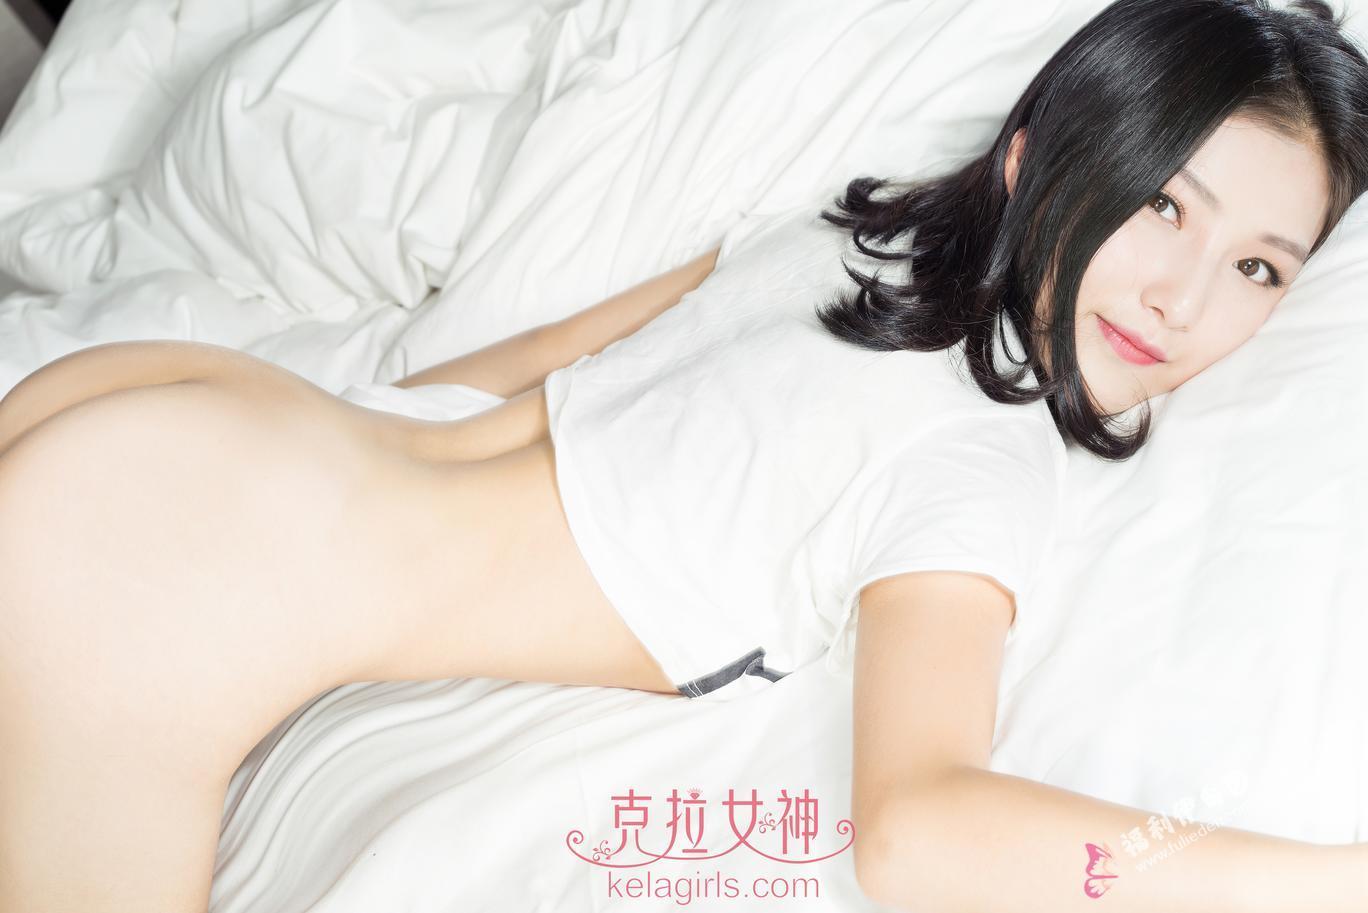 KeLaGirls克拉女神2017.04.04妖娆的白莲花沈梦下载